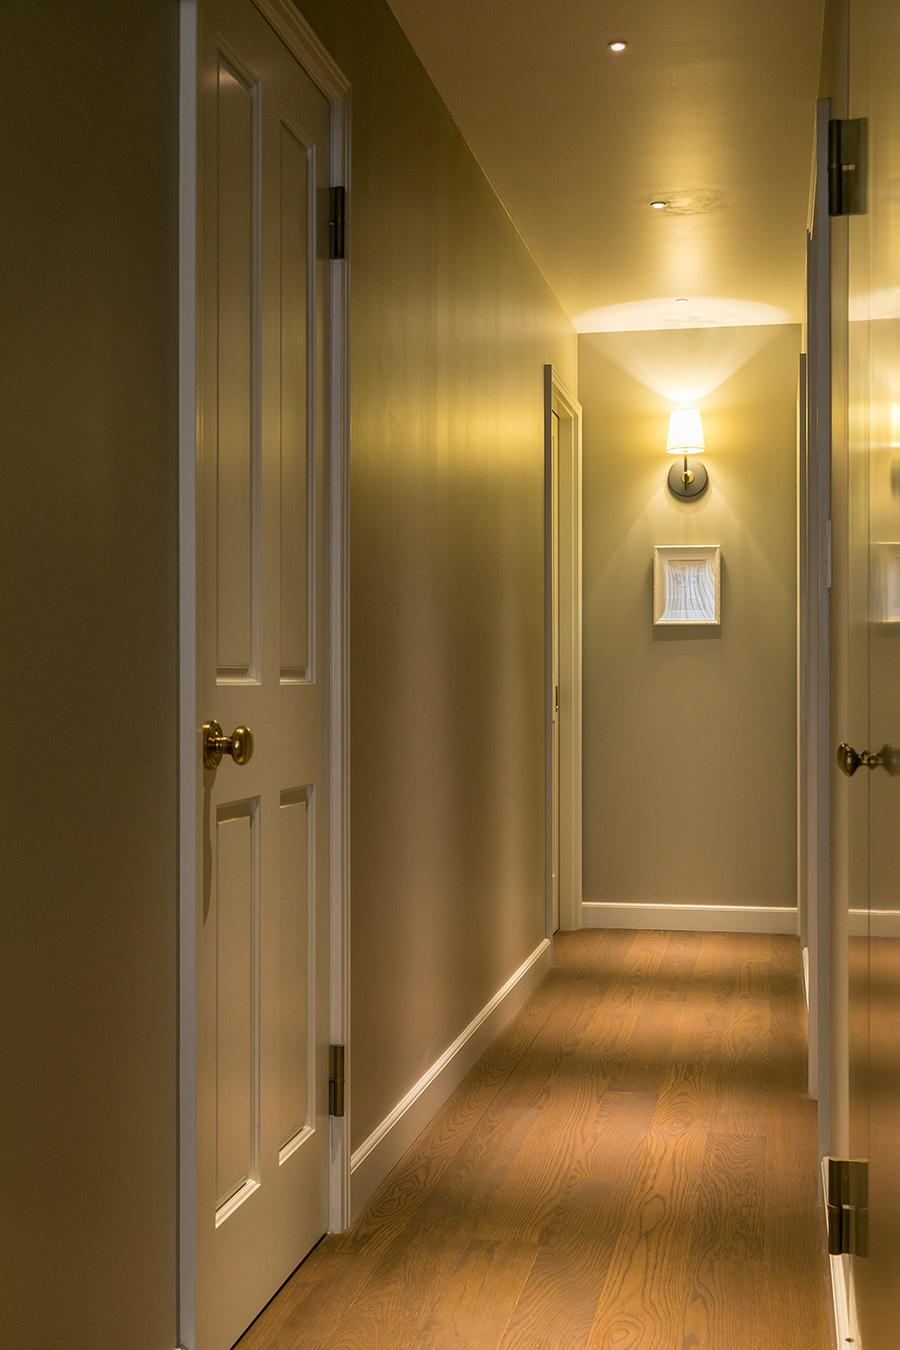 プライベート空間へと続く廊下。ドアのデザインや、巾木の仕様にもこだわった。